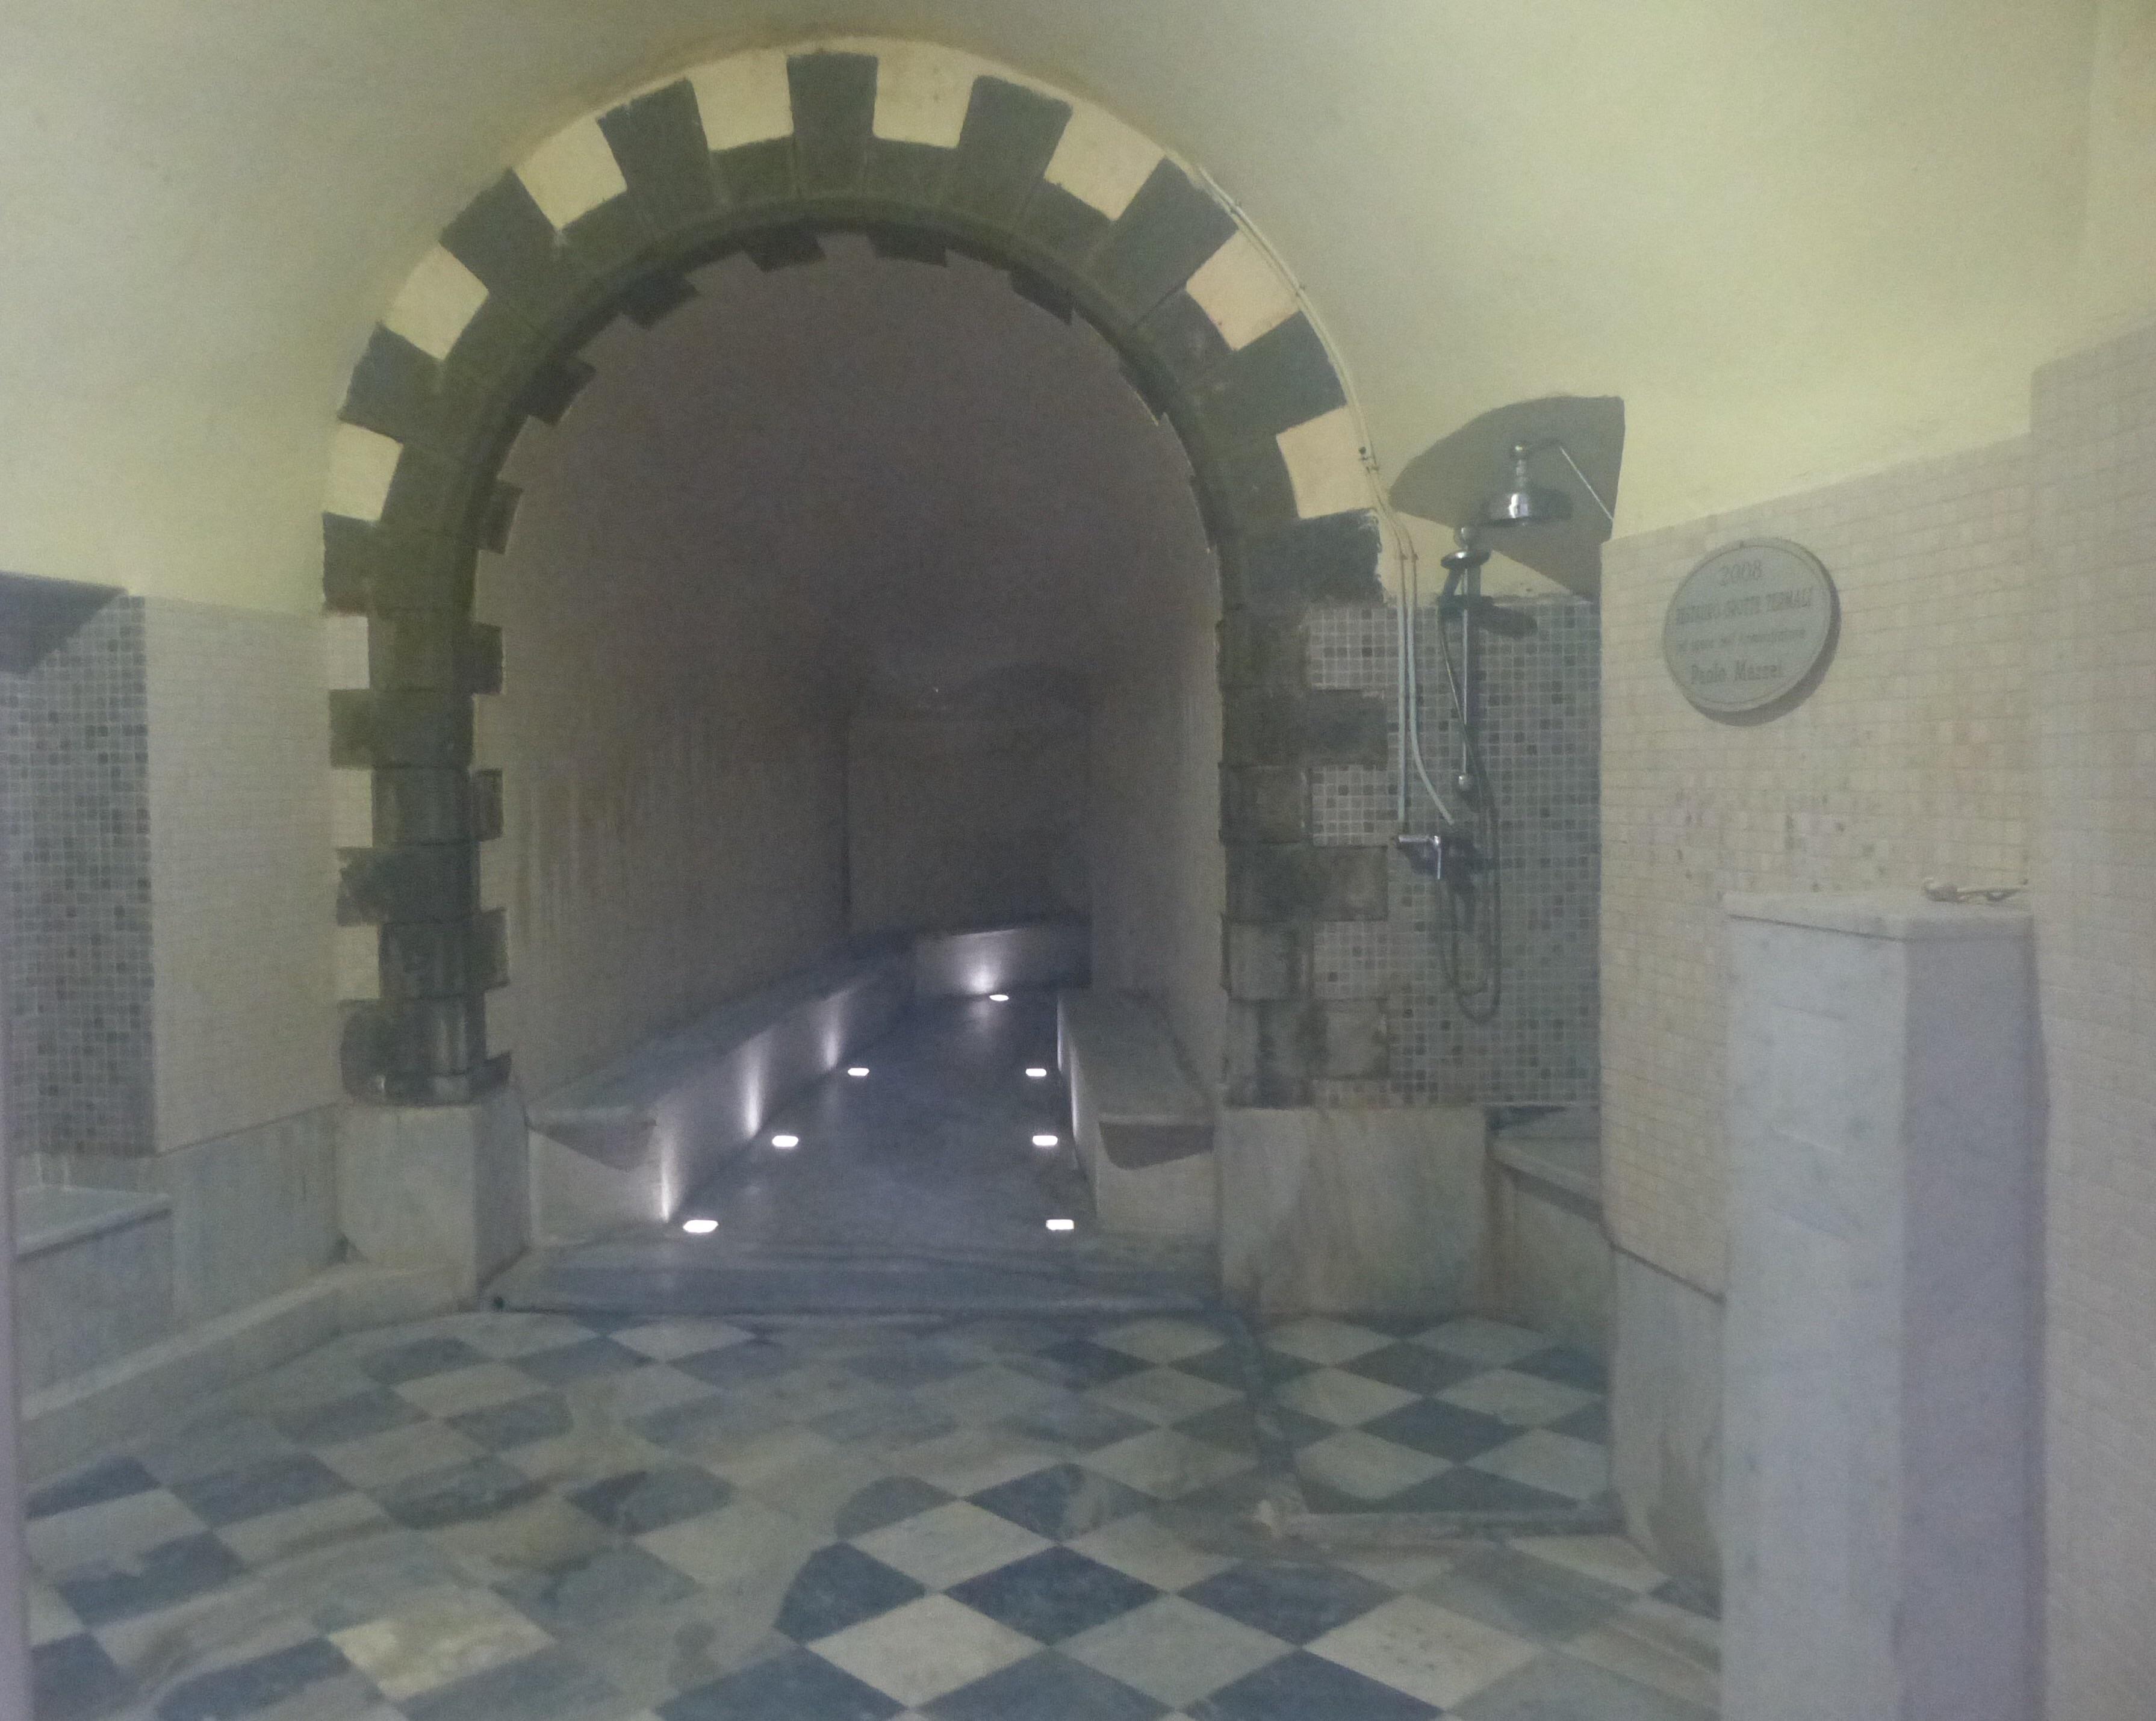 Getting around bella bagni di lucca - Terme di bagni di lucca ...